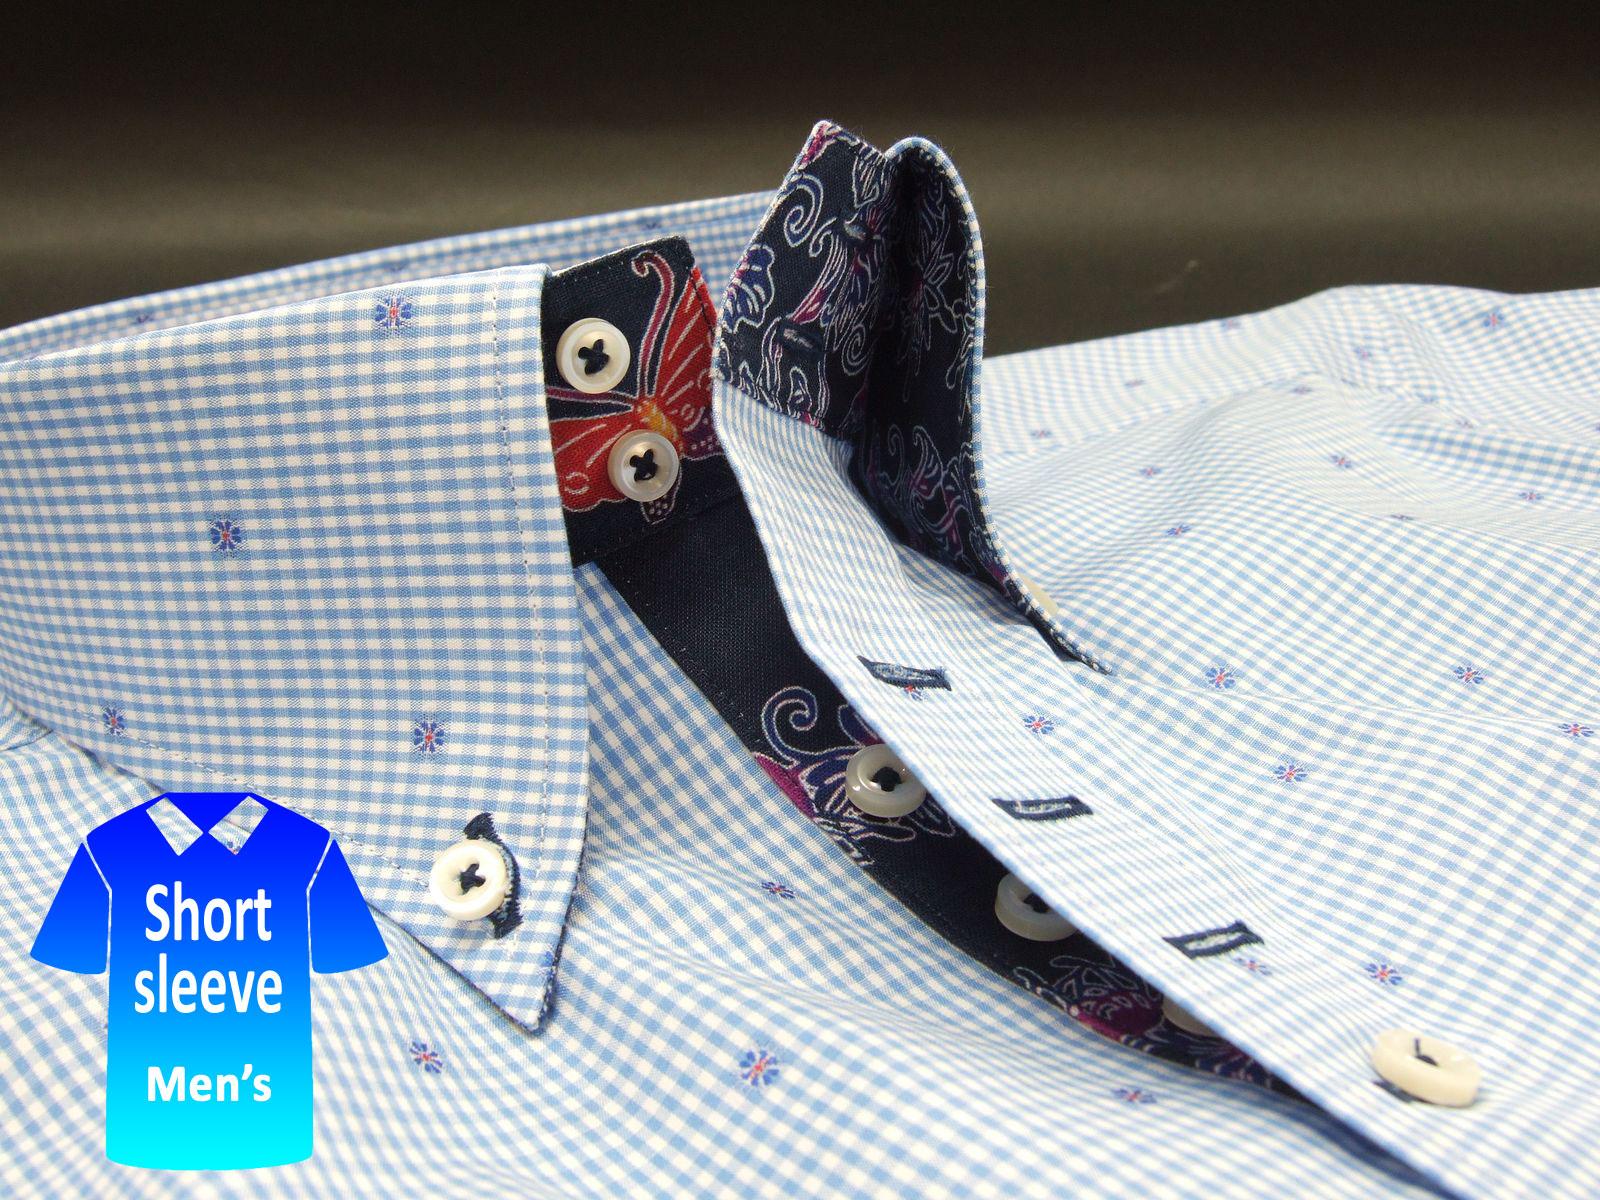 かりゆしウェア結婚式に アロハシャツ 沖縄 メンズ ボタンダウン 半袖 クールビズ Yシャツ ワイシャツ【rcp】おしゃれ 限定 紅型 青 ブルー系ギンガムチェック柄(msck-bu01-4820)